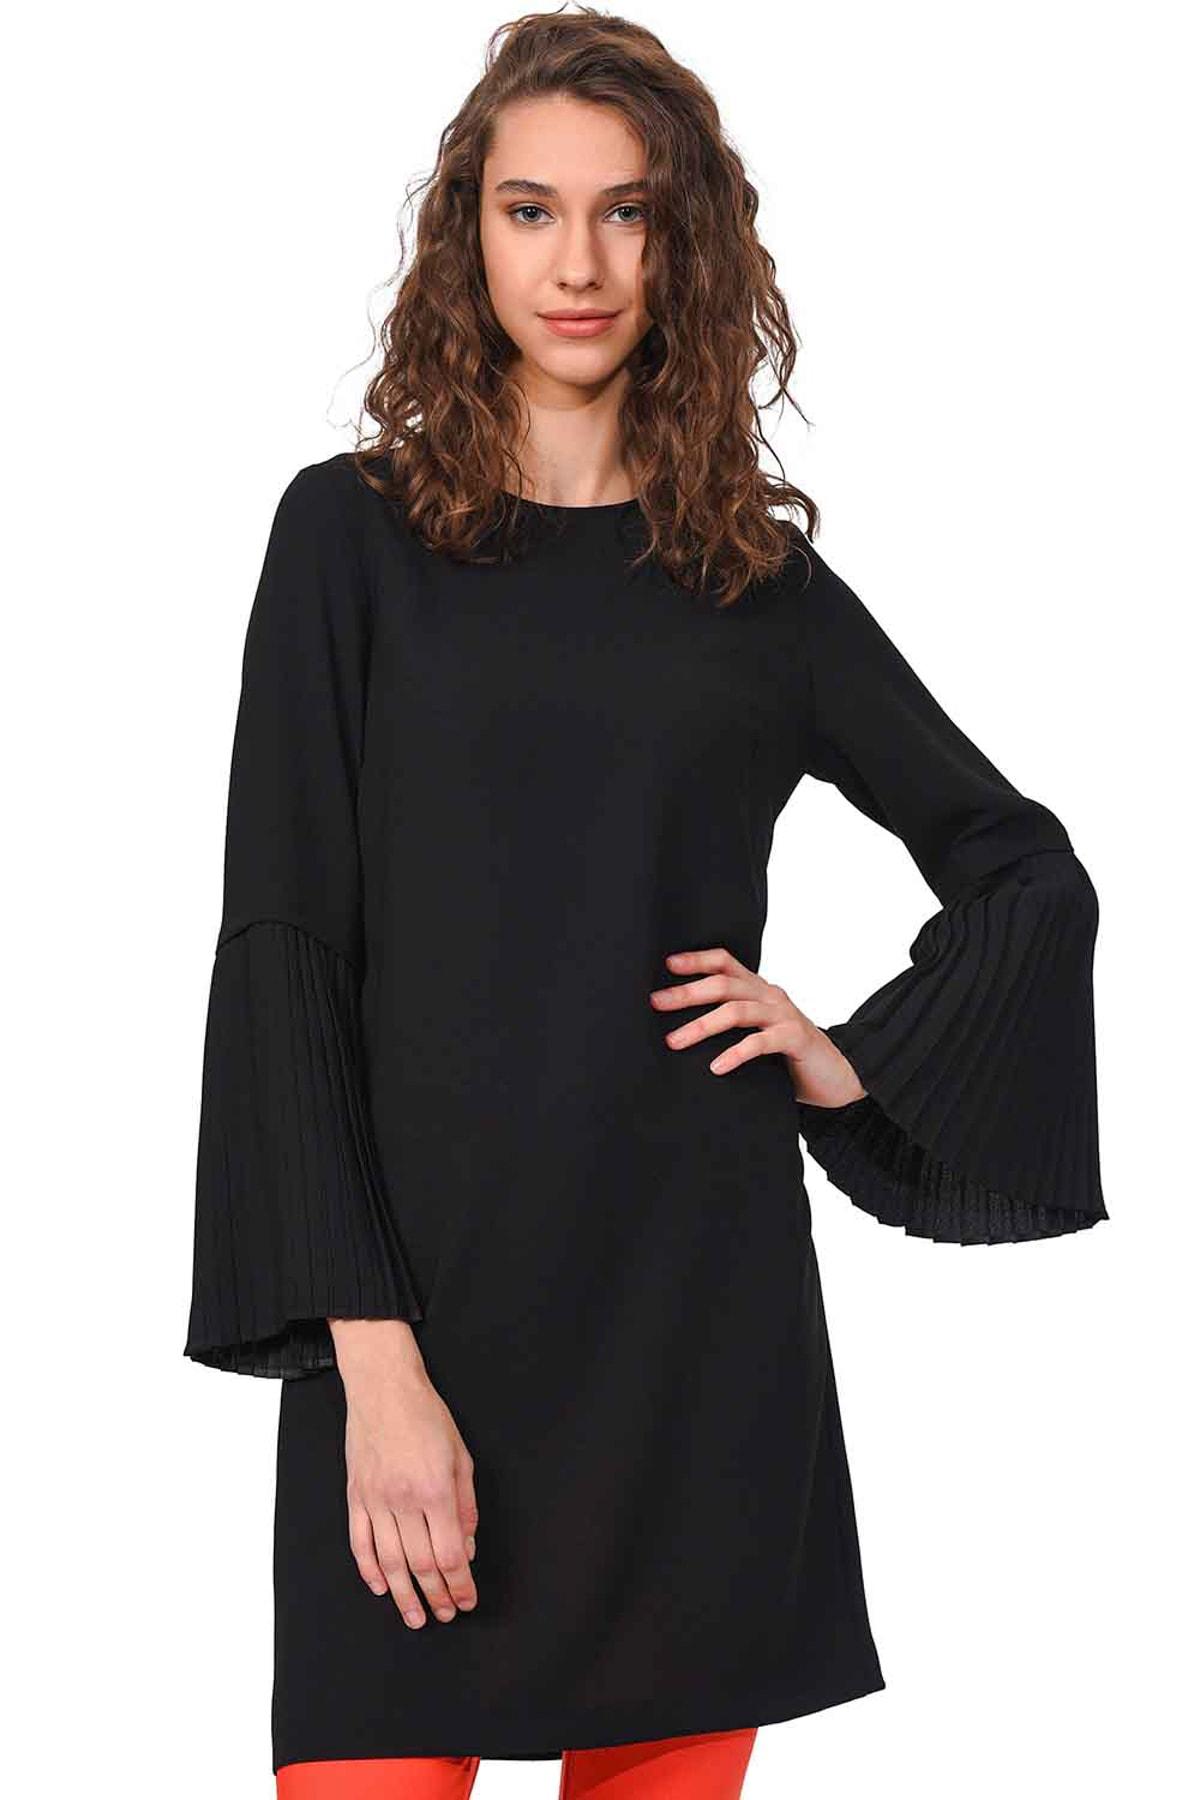 Mizalle Kadın Siyah Kolları Pliseli Bluz 18KGMZL1012014 1